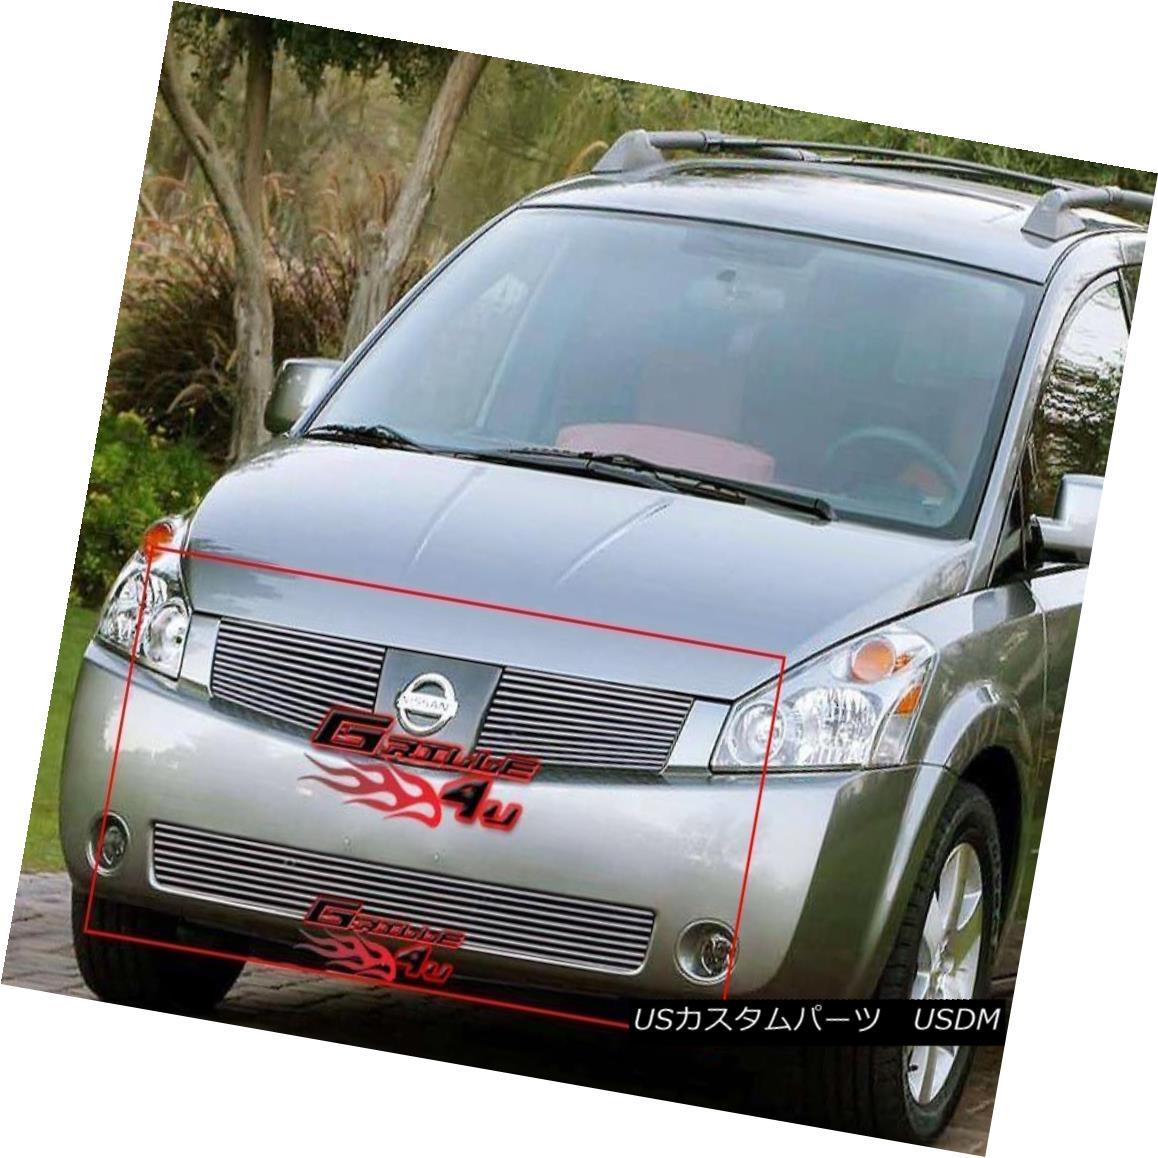 グリル Fits 2004-2006 Nissan Quest Billet Grille Combo フィット2004-2006日産クエストビレットグリルコンボ